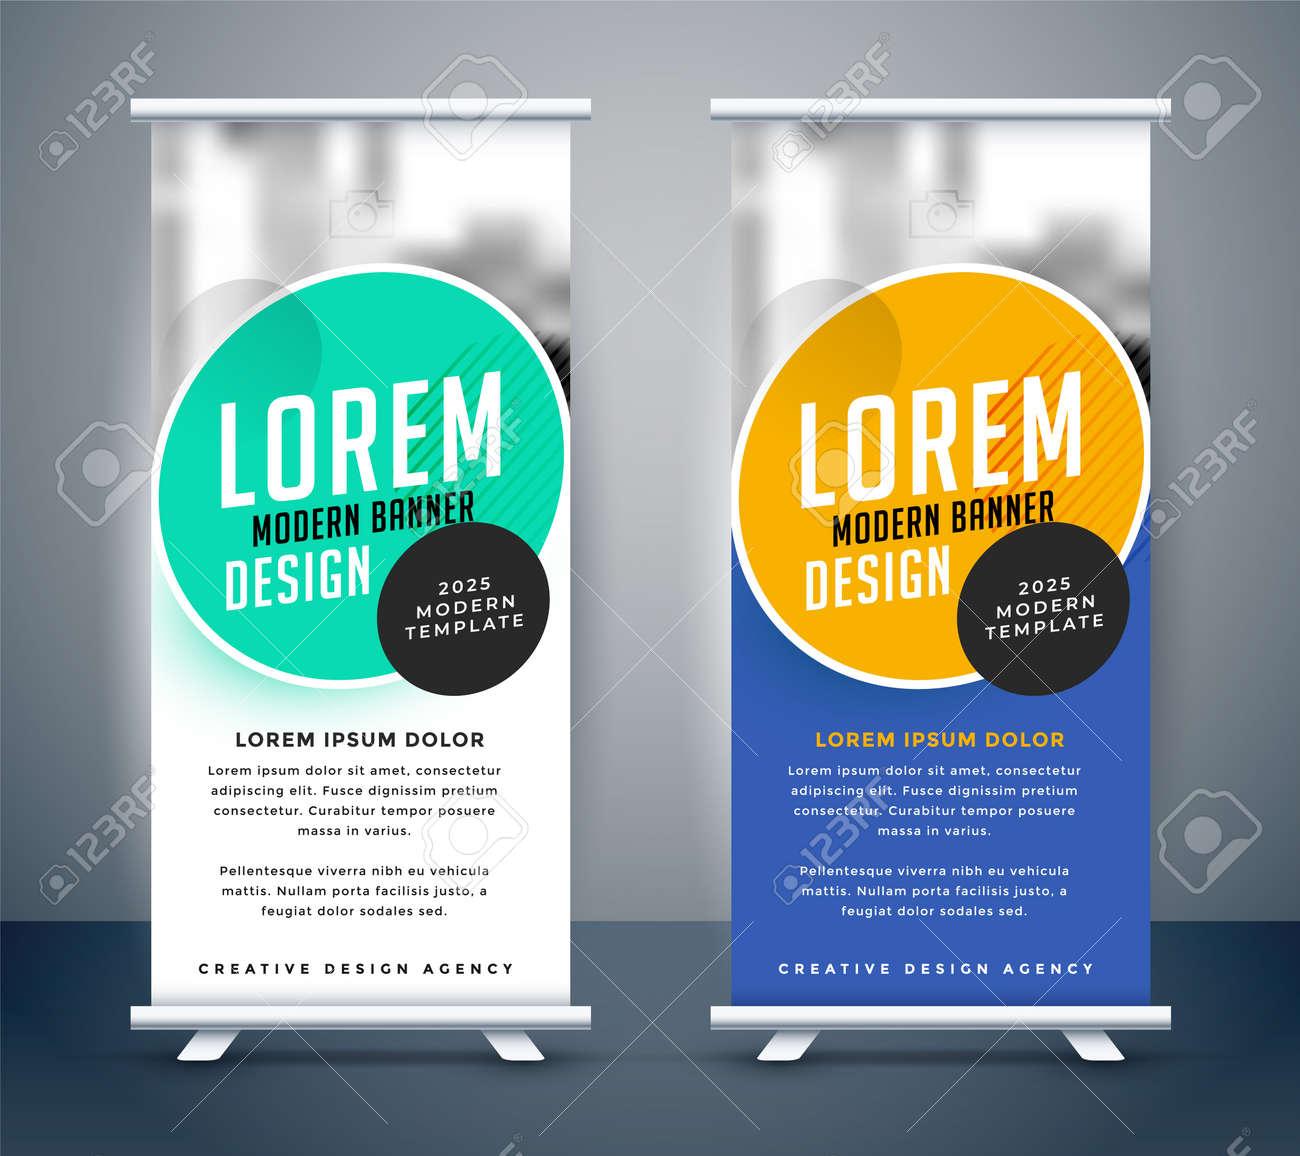 modern roll up standee banner template design - 167909841